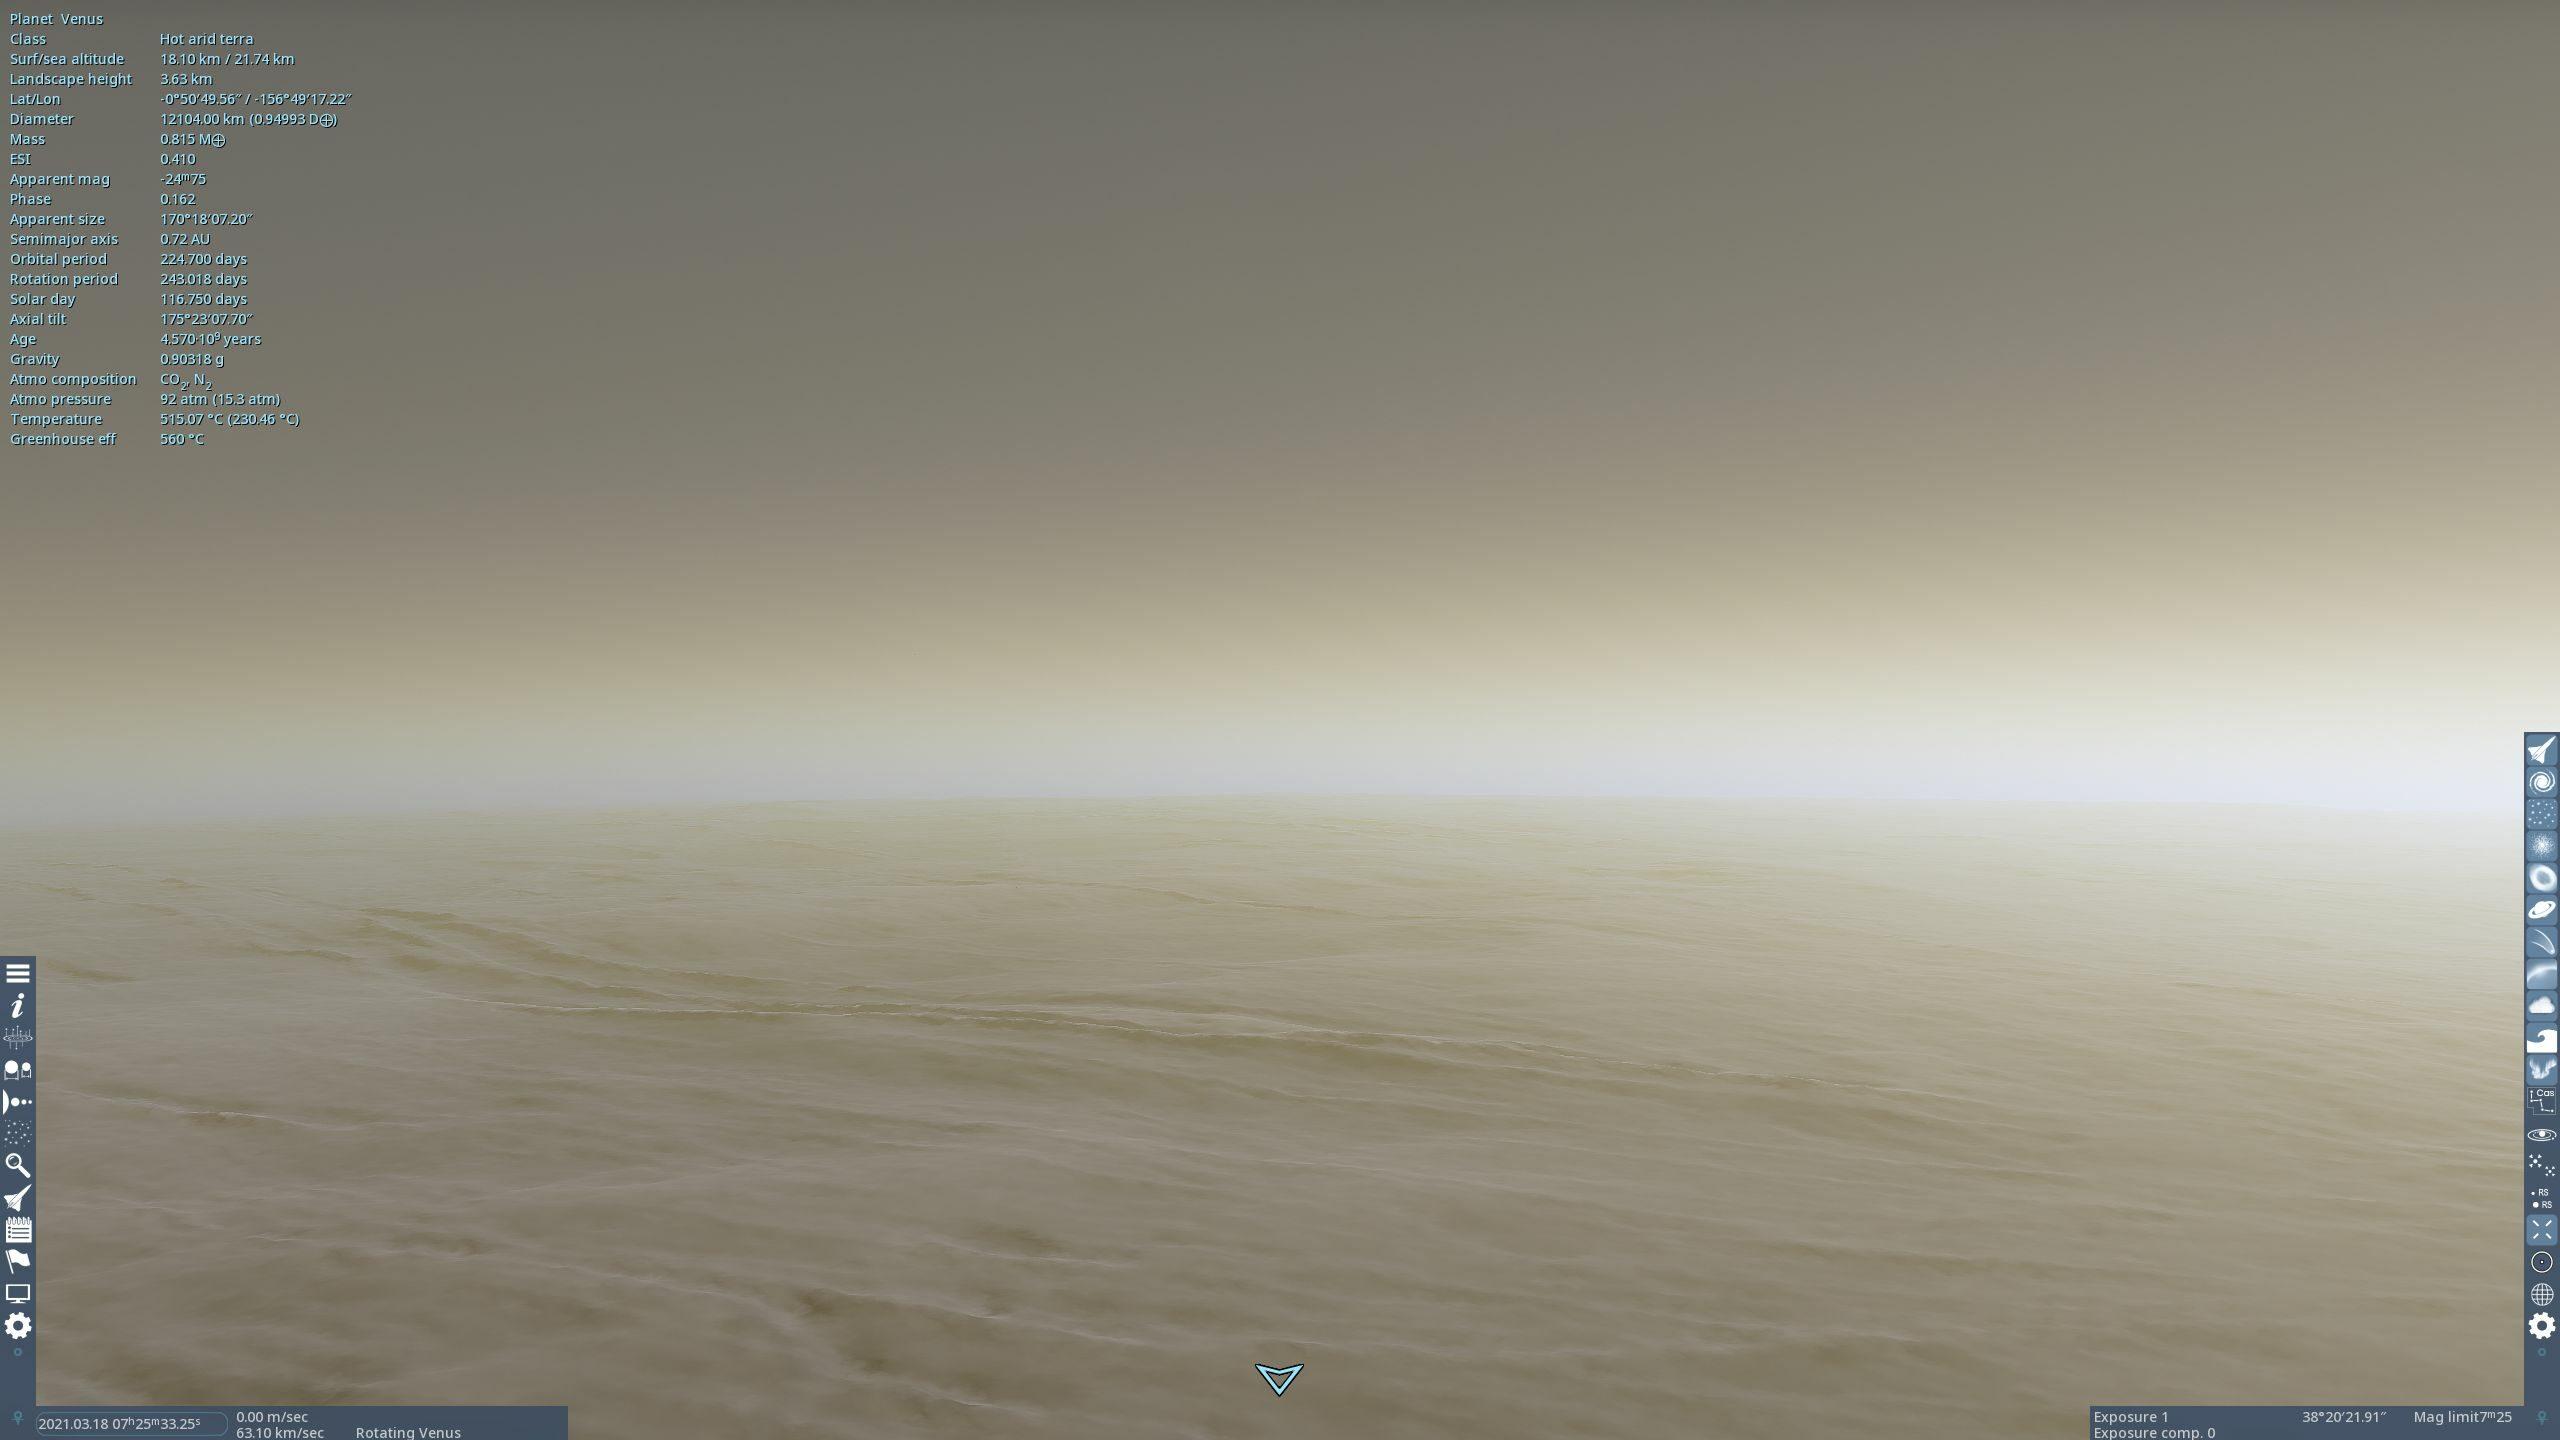 Anecdote spatiale : les Russes ont été les seuls à poser une sonde sur Vénus. Venera 7, arrivée sur place le 15 décembre 1970, a émis pendant 23 minutes avant d'être broyée par la pression atmosphérique. Elle aurait reporté une température de 475 °C et déclaré « ouille ».